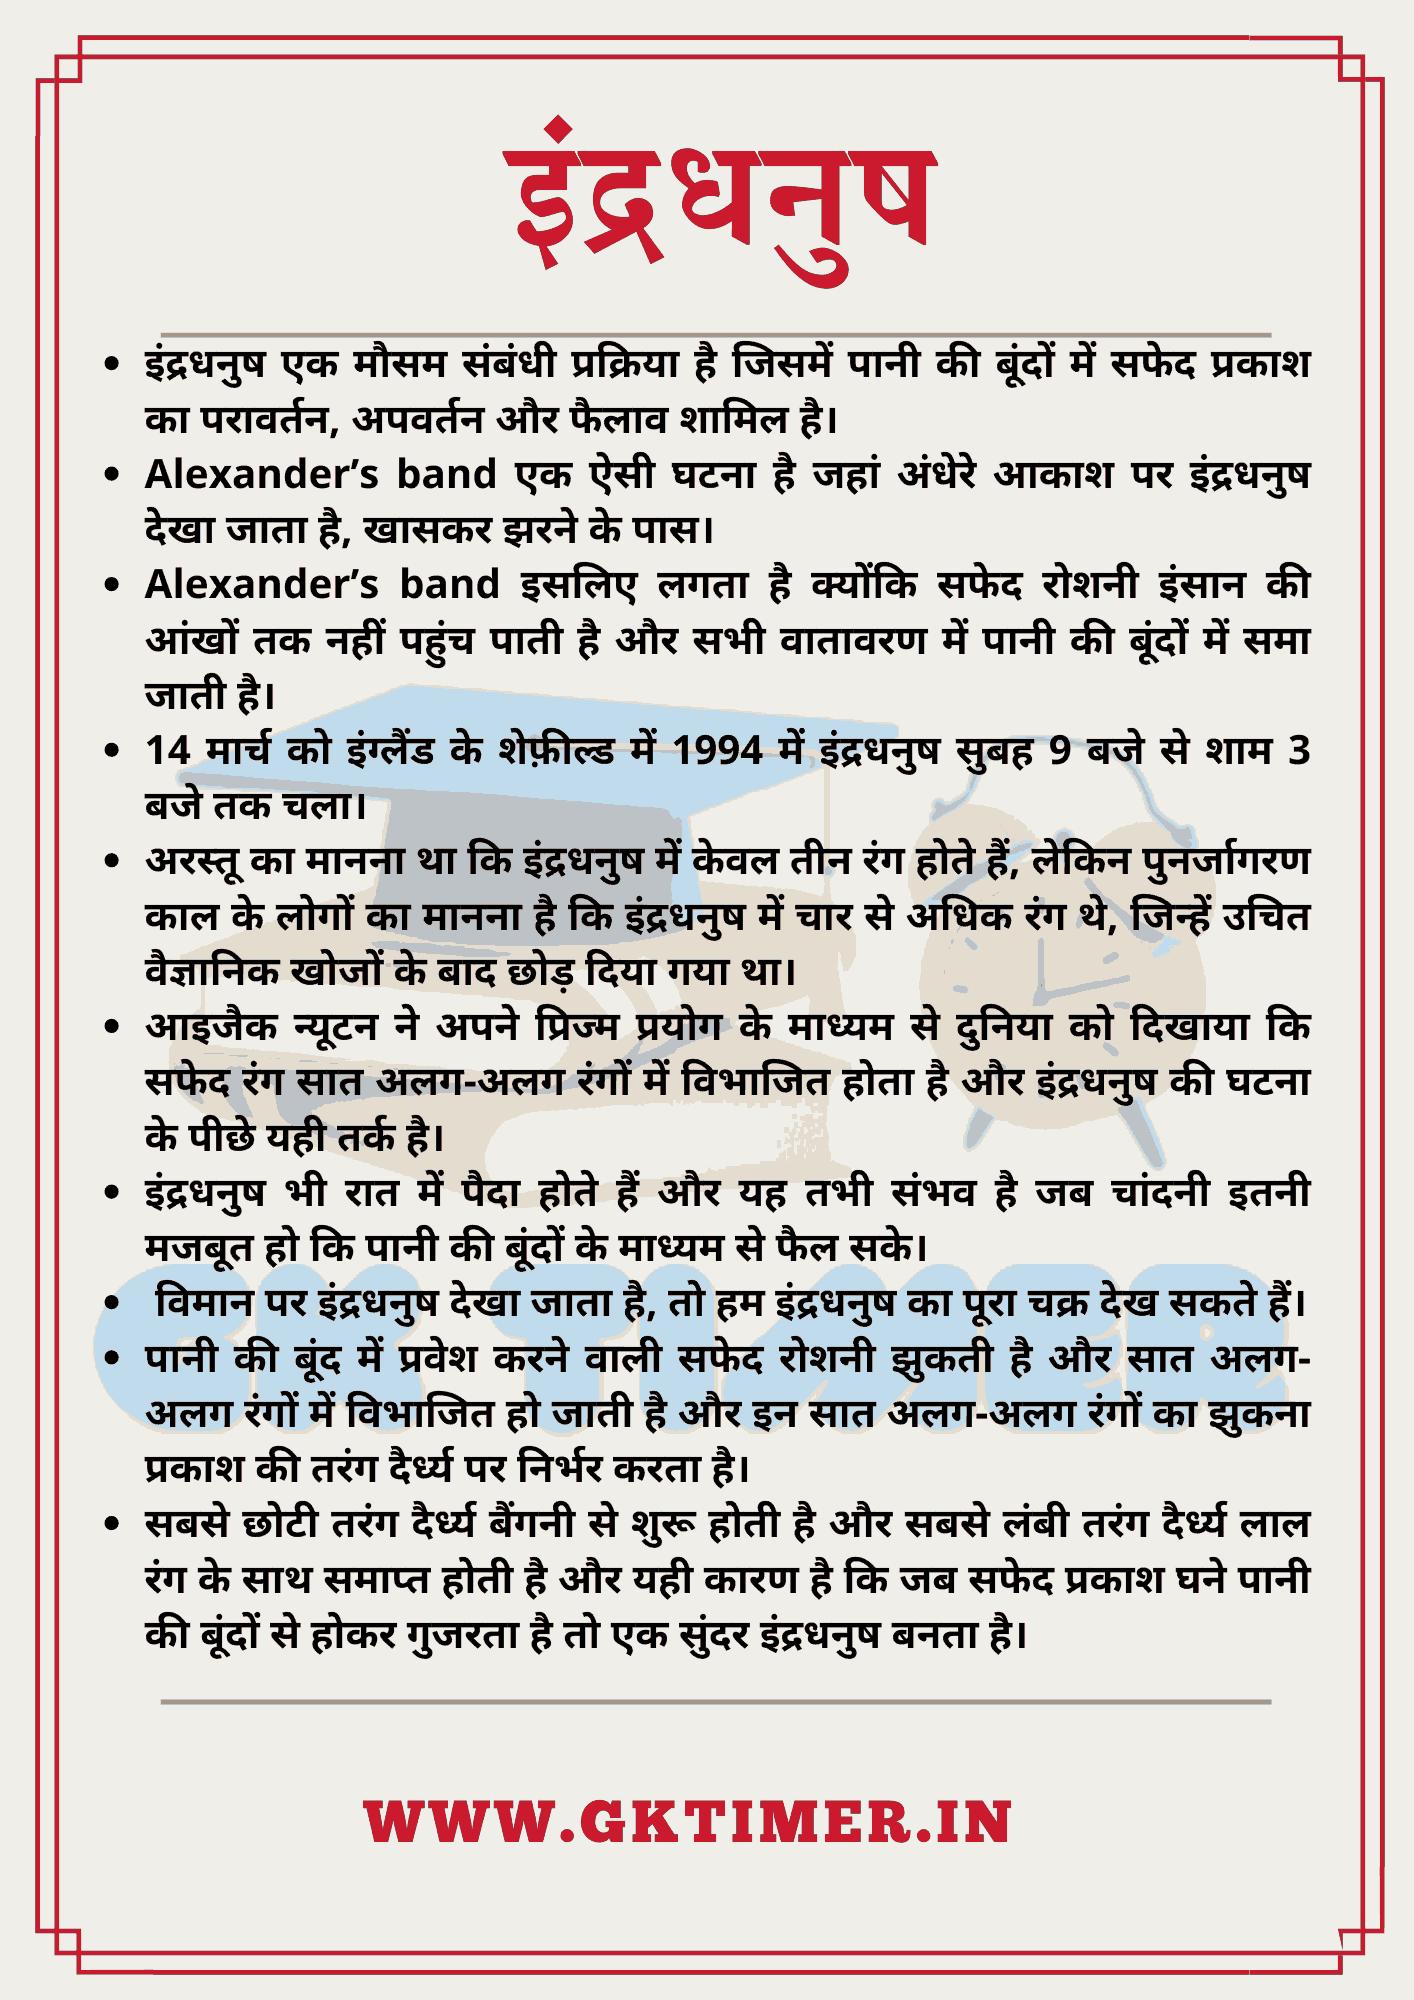 इंद्रधनुष पर निबंध   Essay on Rainbow in Hindi   10 Lines on Rainbow in Hindi